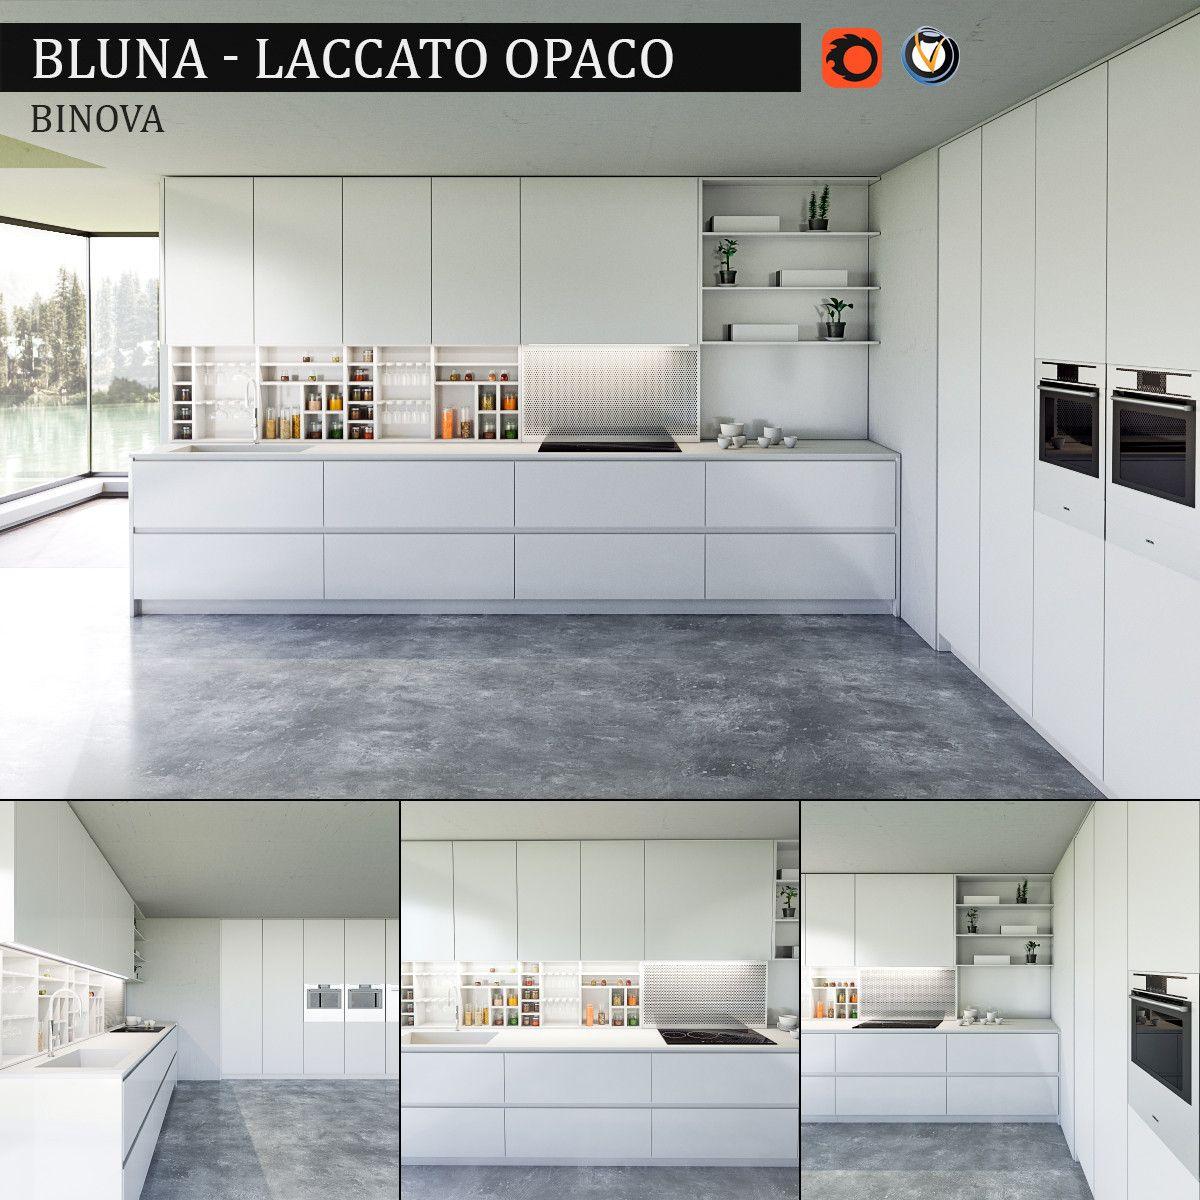 Kitchen Bluna Laccato Opaco 3d Max 3d Model Modern Kitchen Interiors Buy Kitchen Kitchen Interior